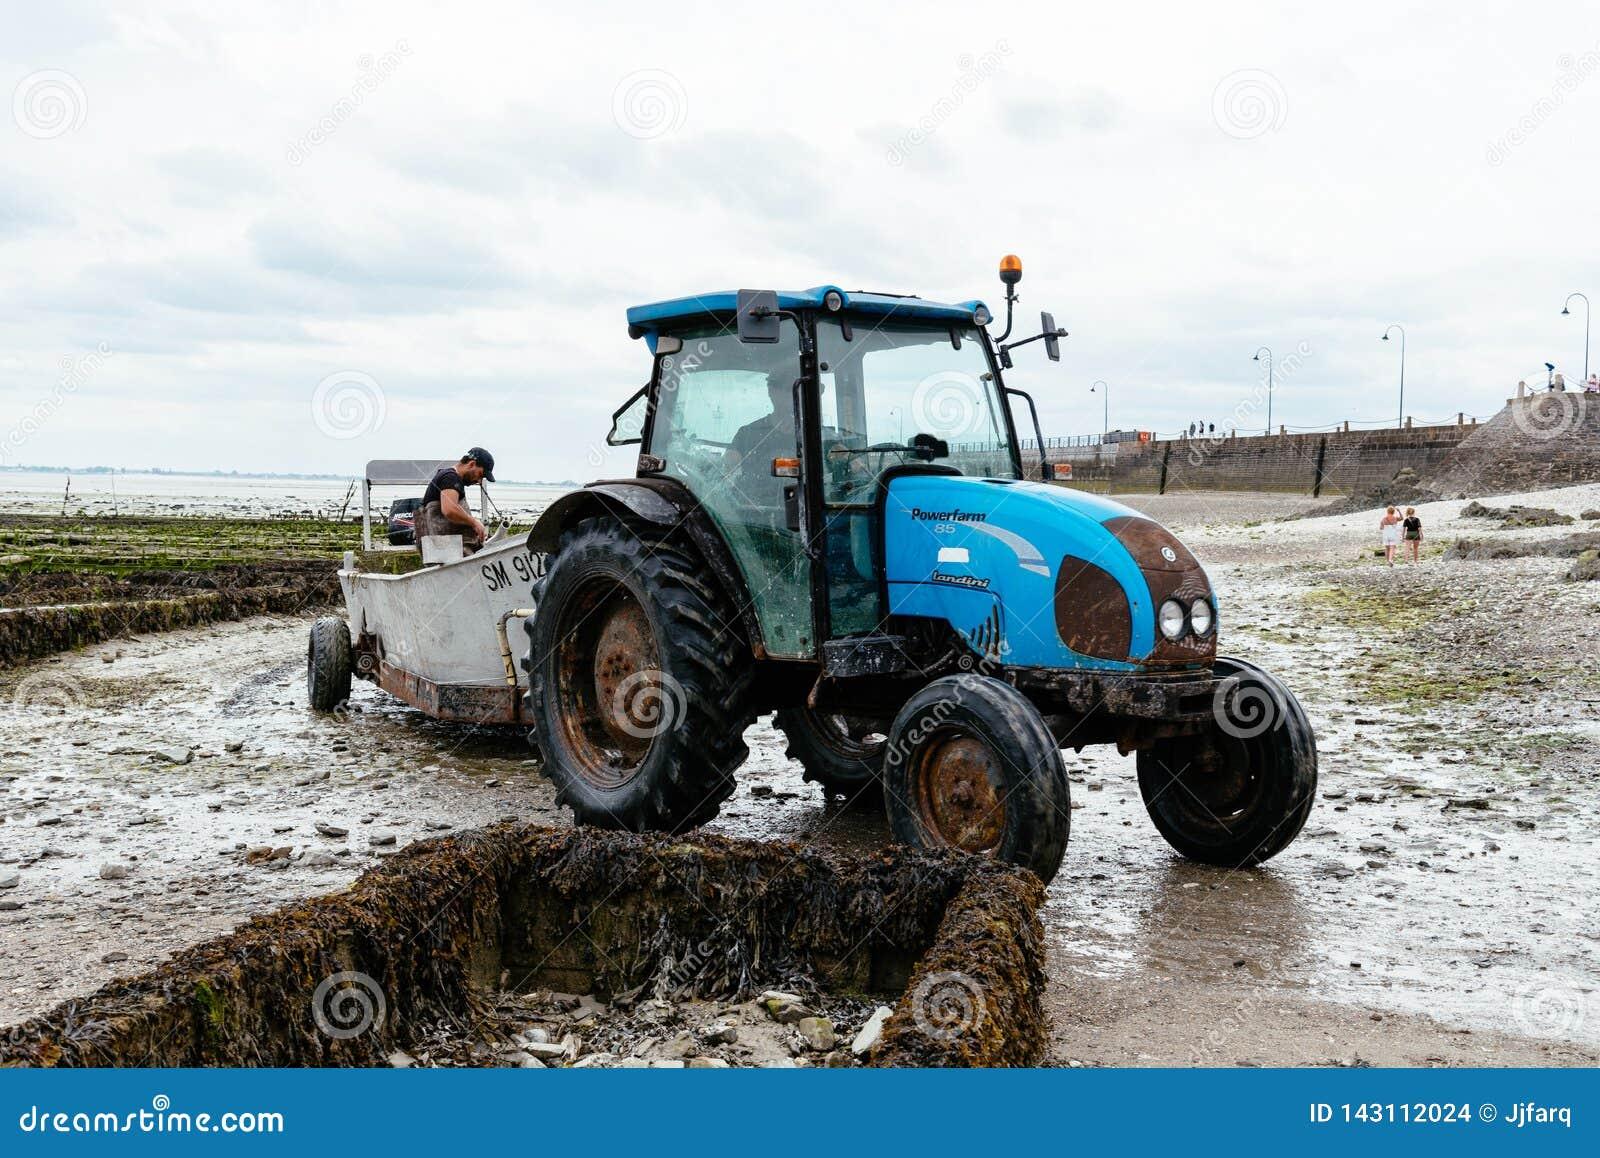 拖拉机在牡蛎农场处于低潮中在康卡尔